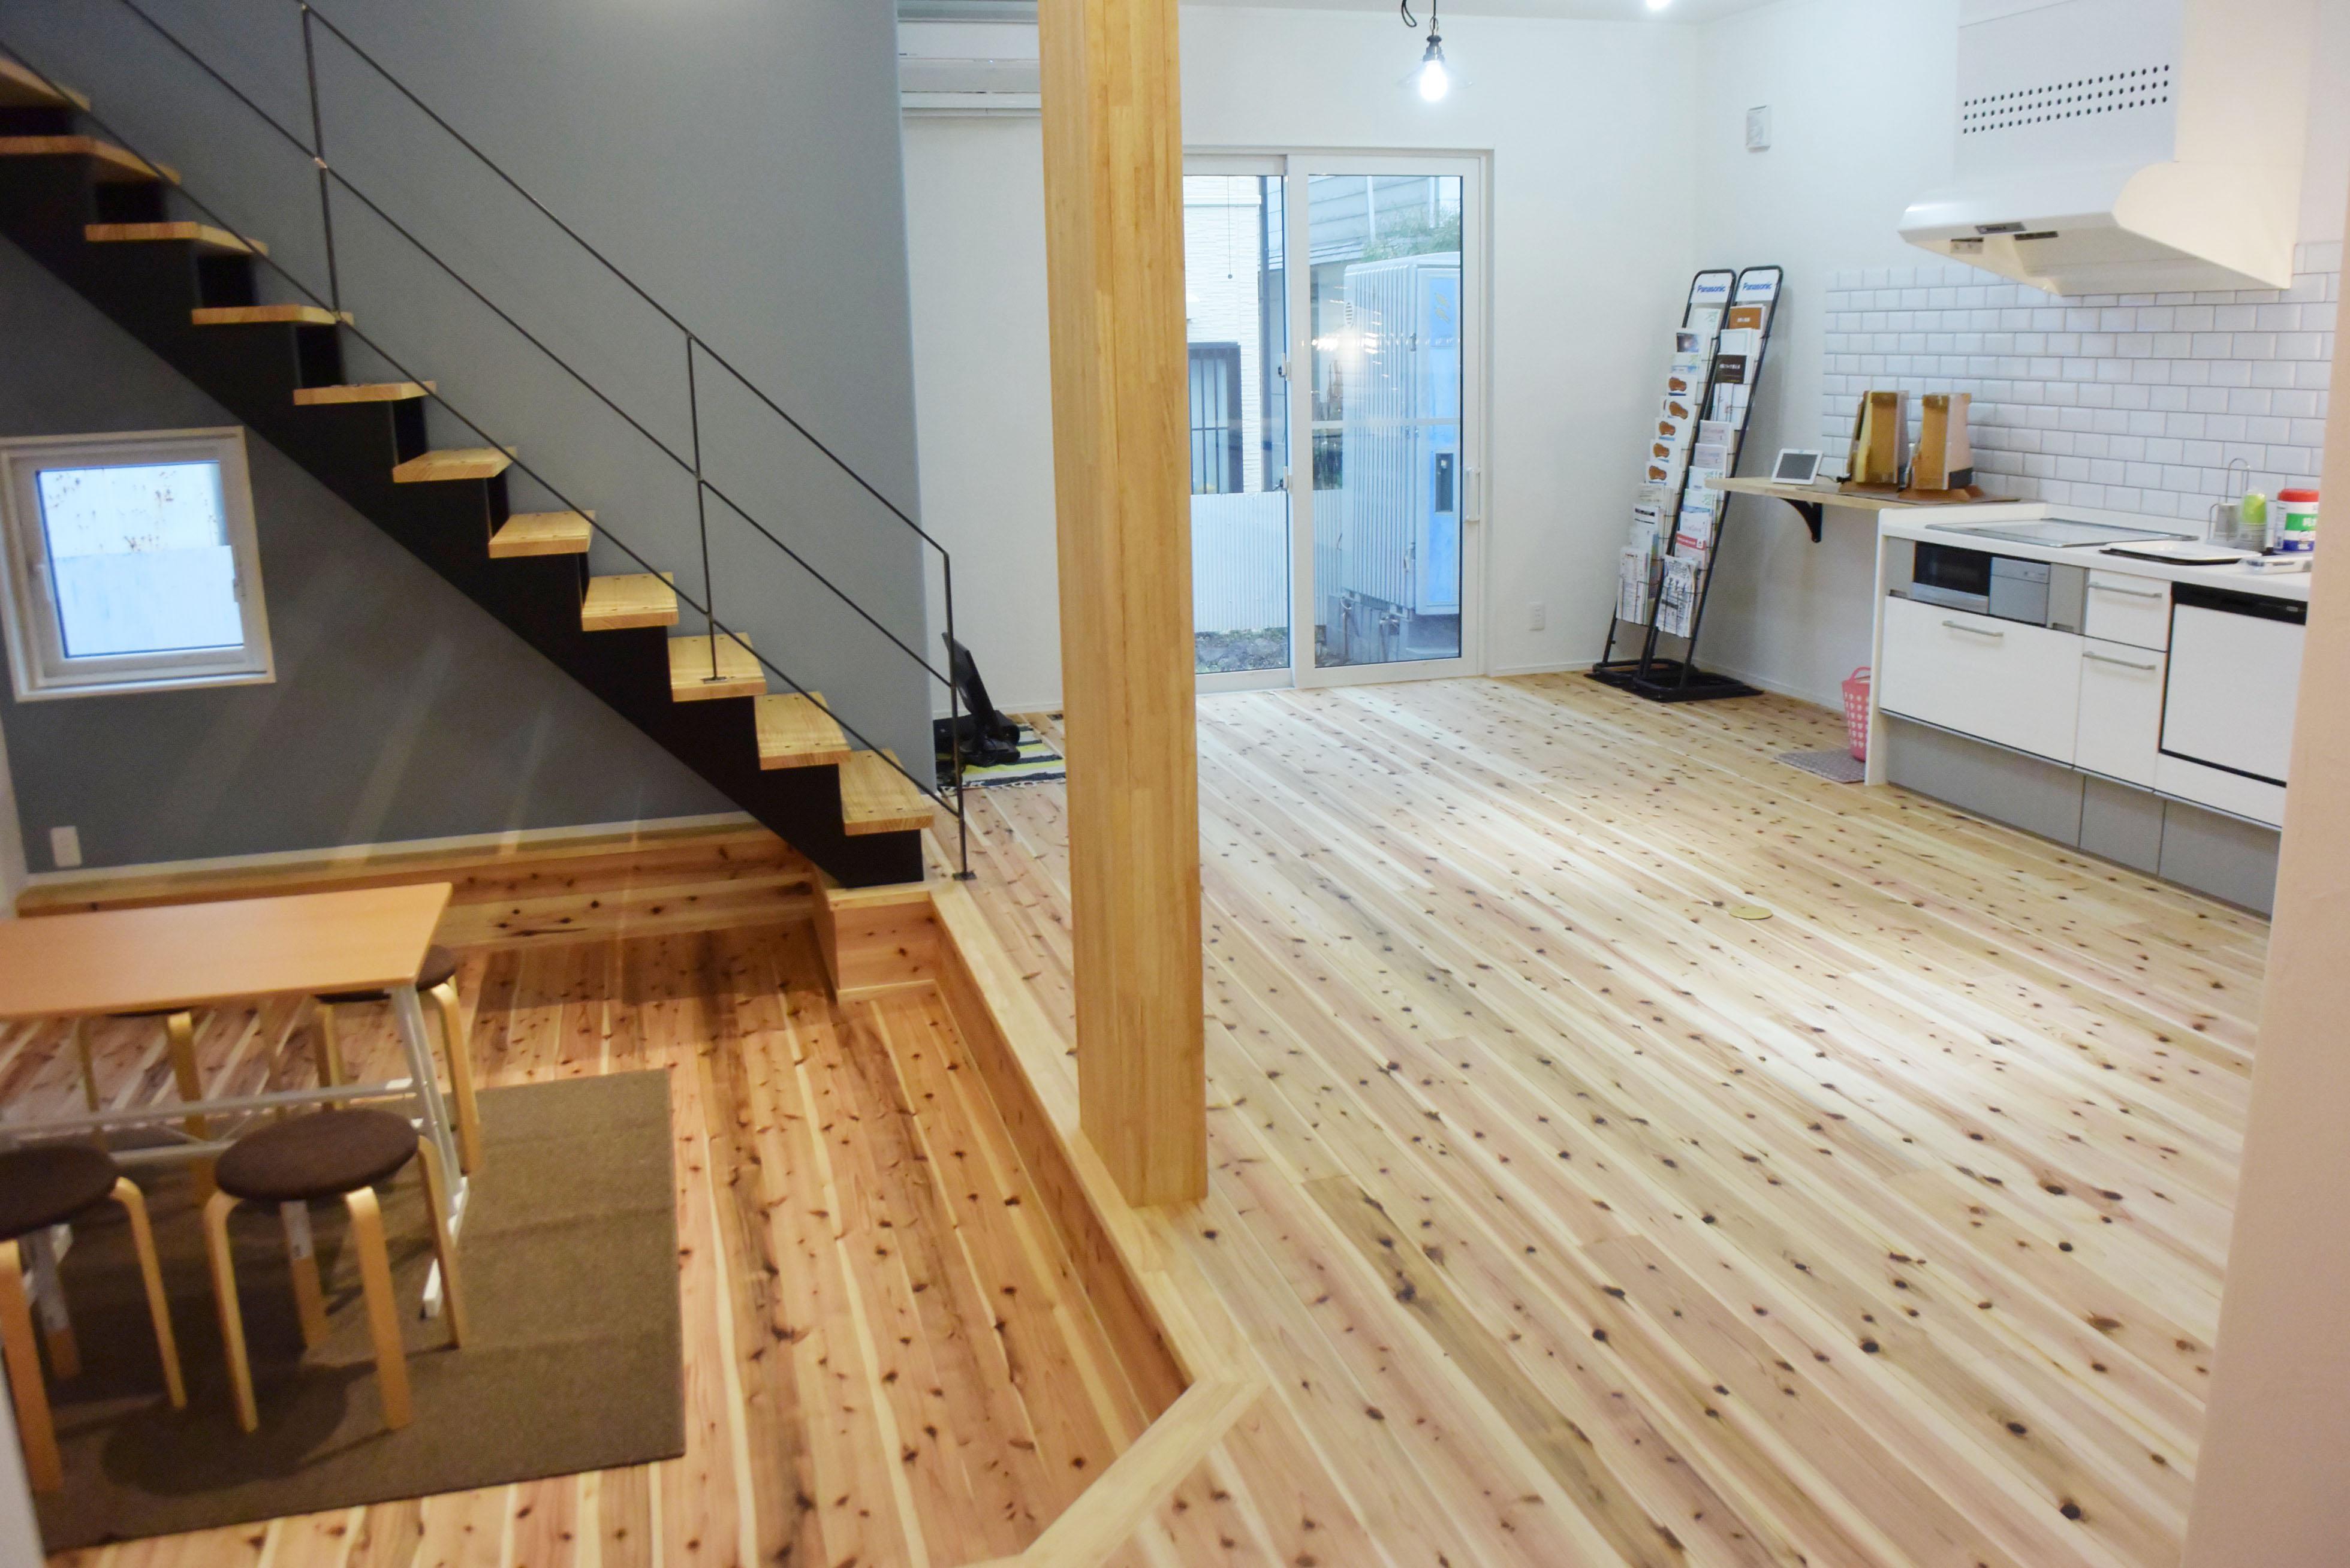 床を掘り下げたリビング部分、オープン階段でつながるスキップフロアのフリースペース。